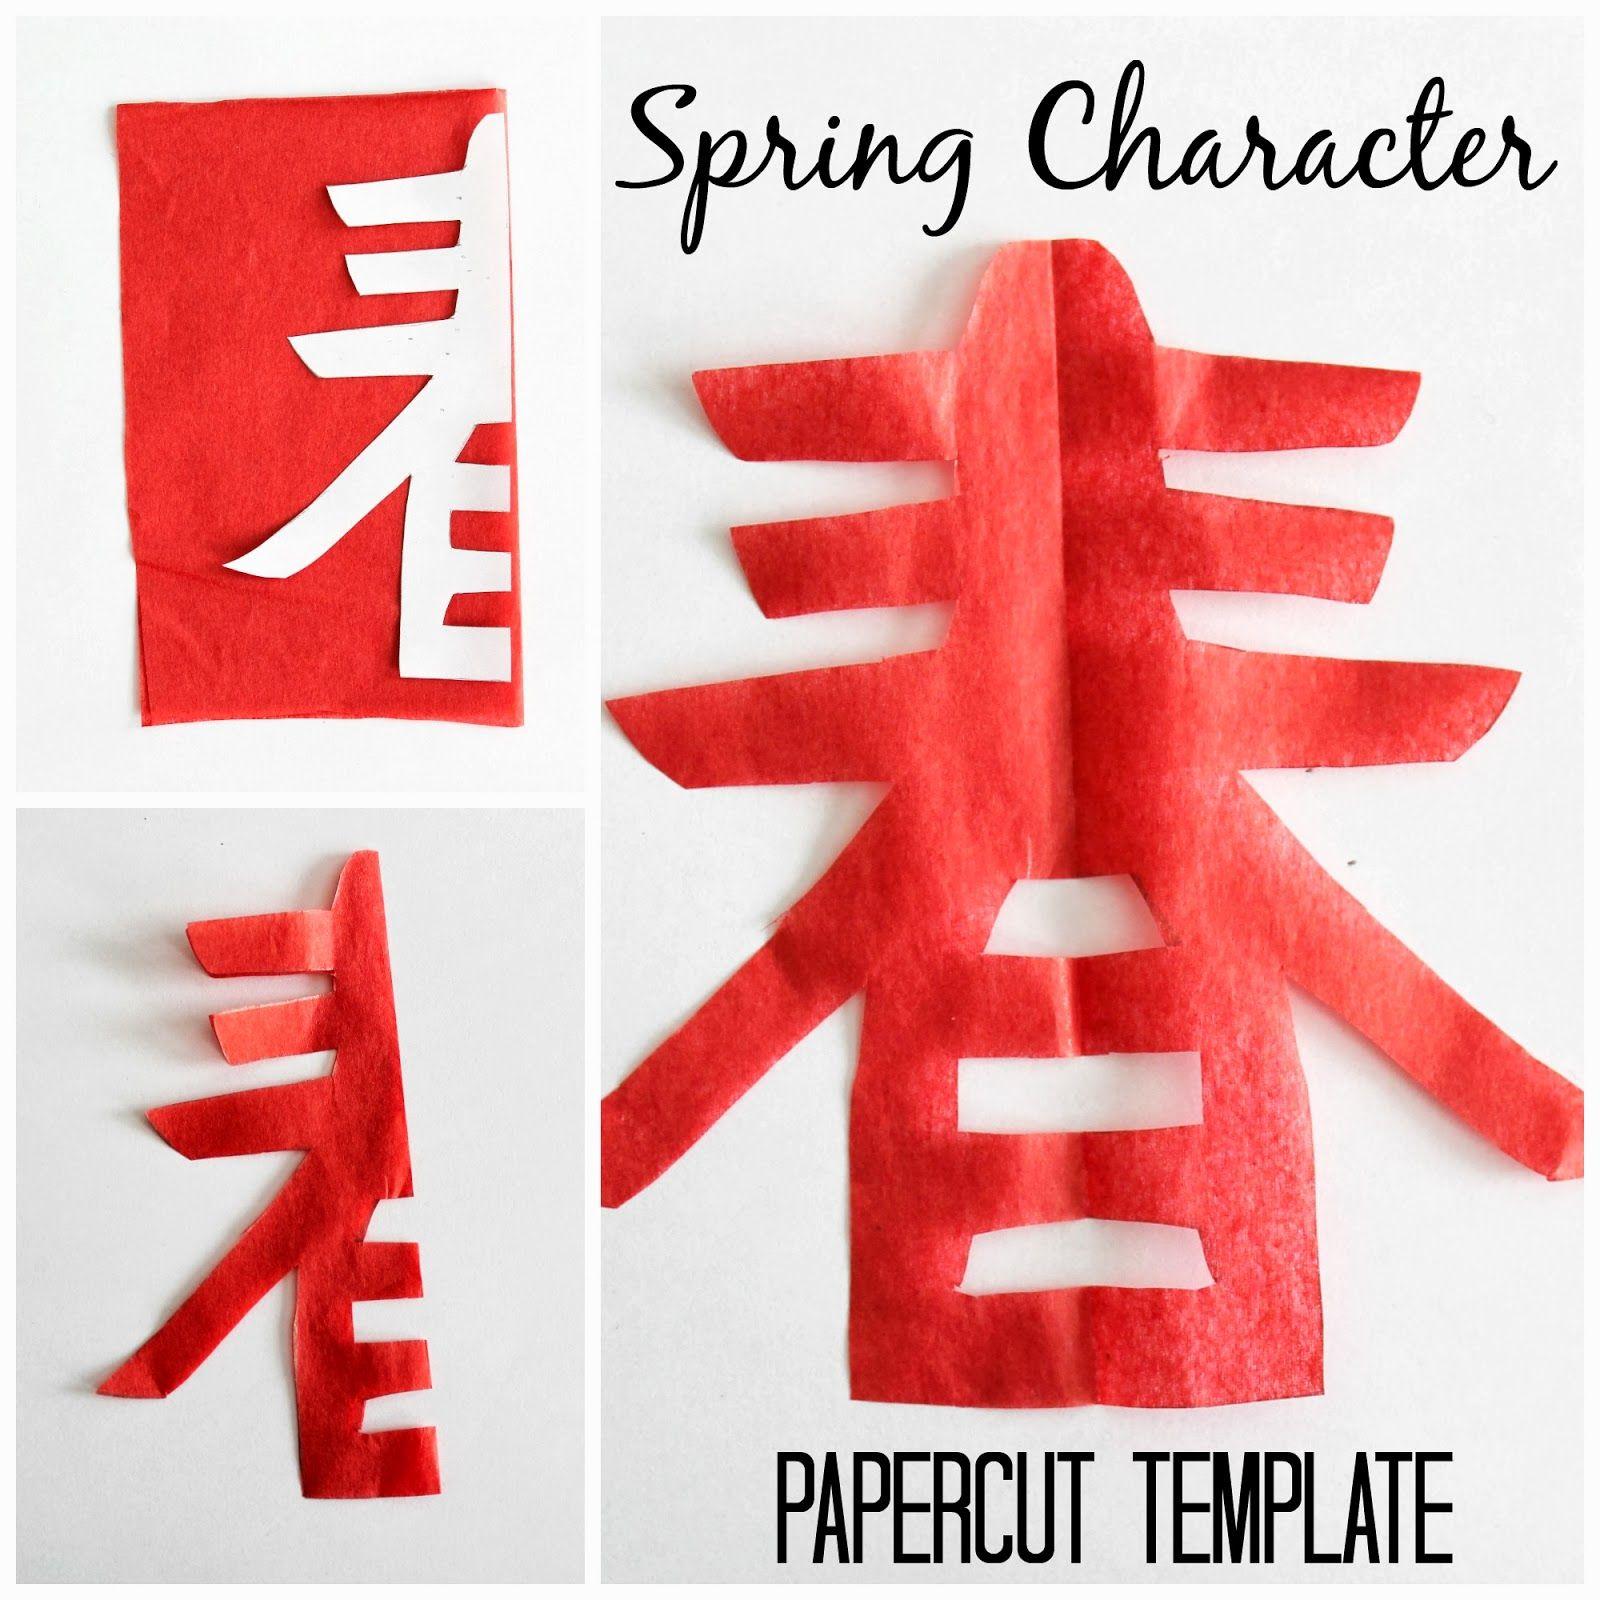 003 Wondrou Chinese Paper Cutting Template Photo  Pdf DragonFull